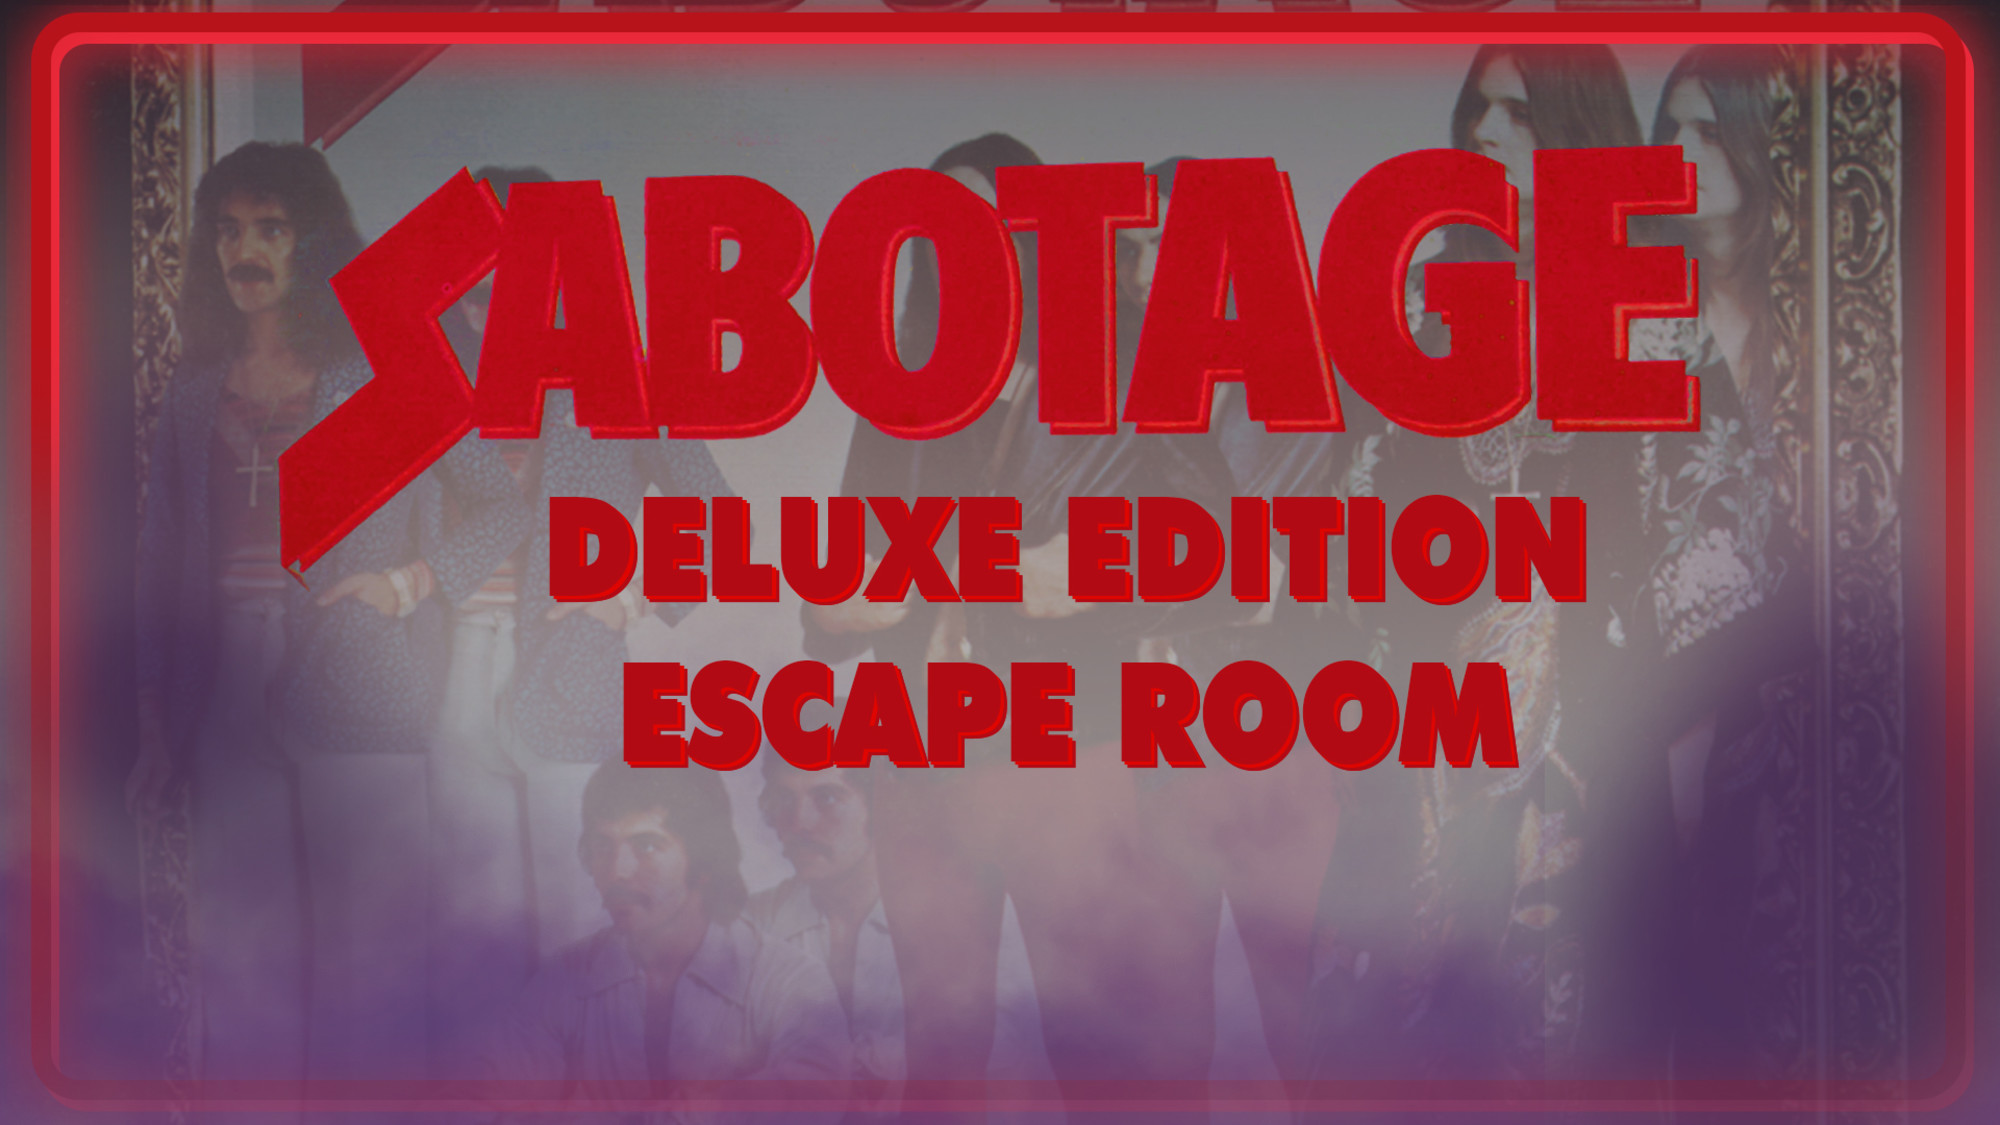 Sabotage Deluxe Edition Escape Room